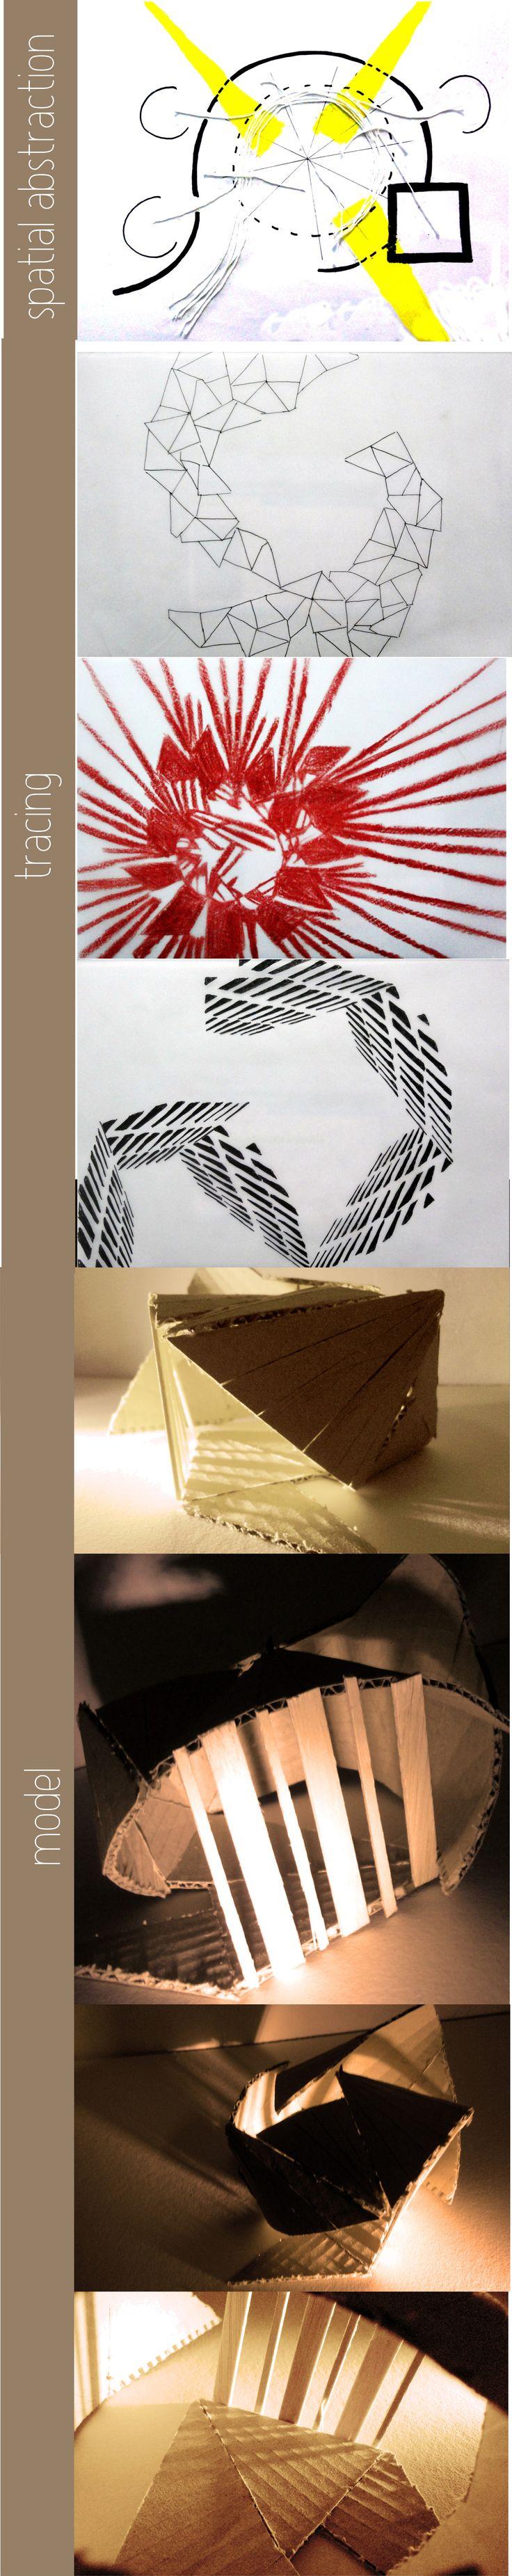 Maulitta Cinintya Iasha/Kelompok 7_Spatial Abstraction_Tracing_model